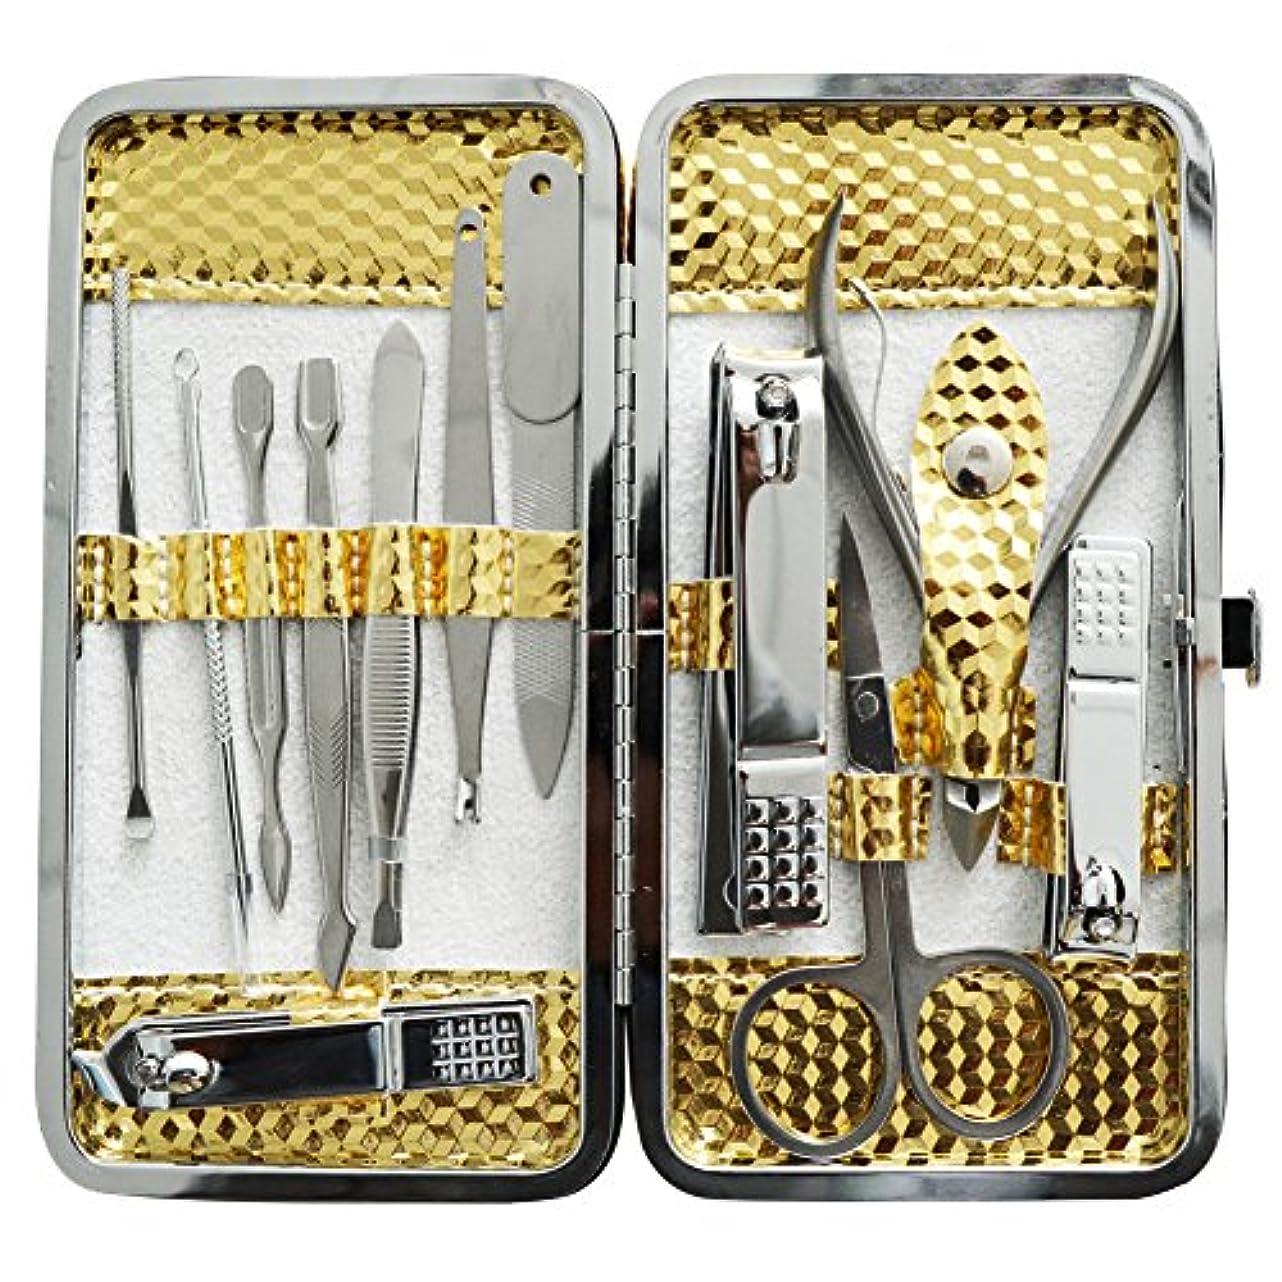 電化するプレゼント帝国主義爪切りセット 耳掃除機 12枚はさみ、キューティクルをトリマー、耳かき、ナイフ